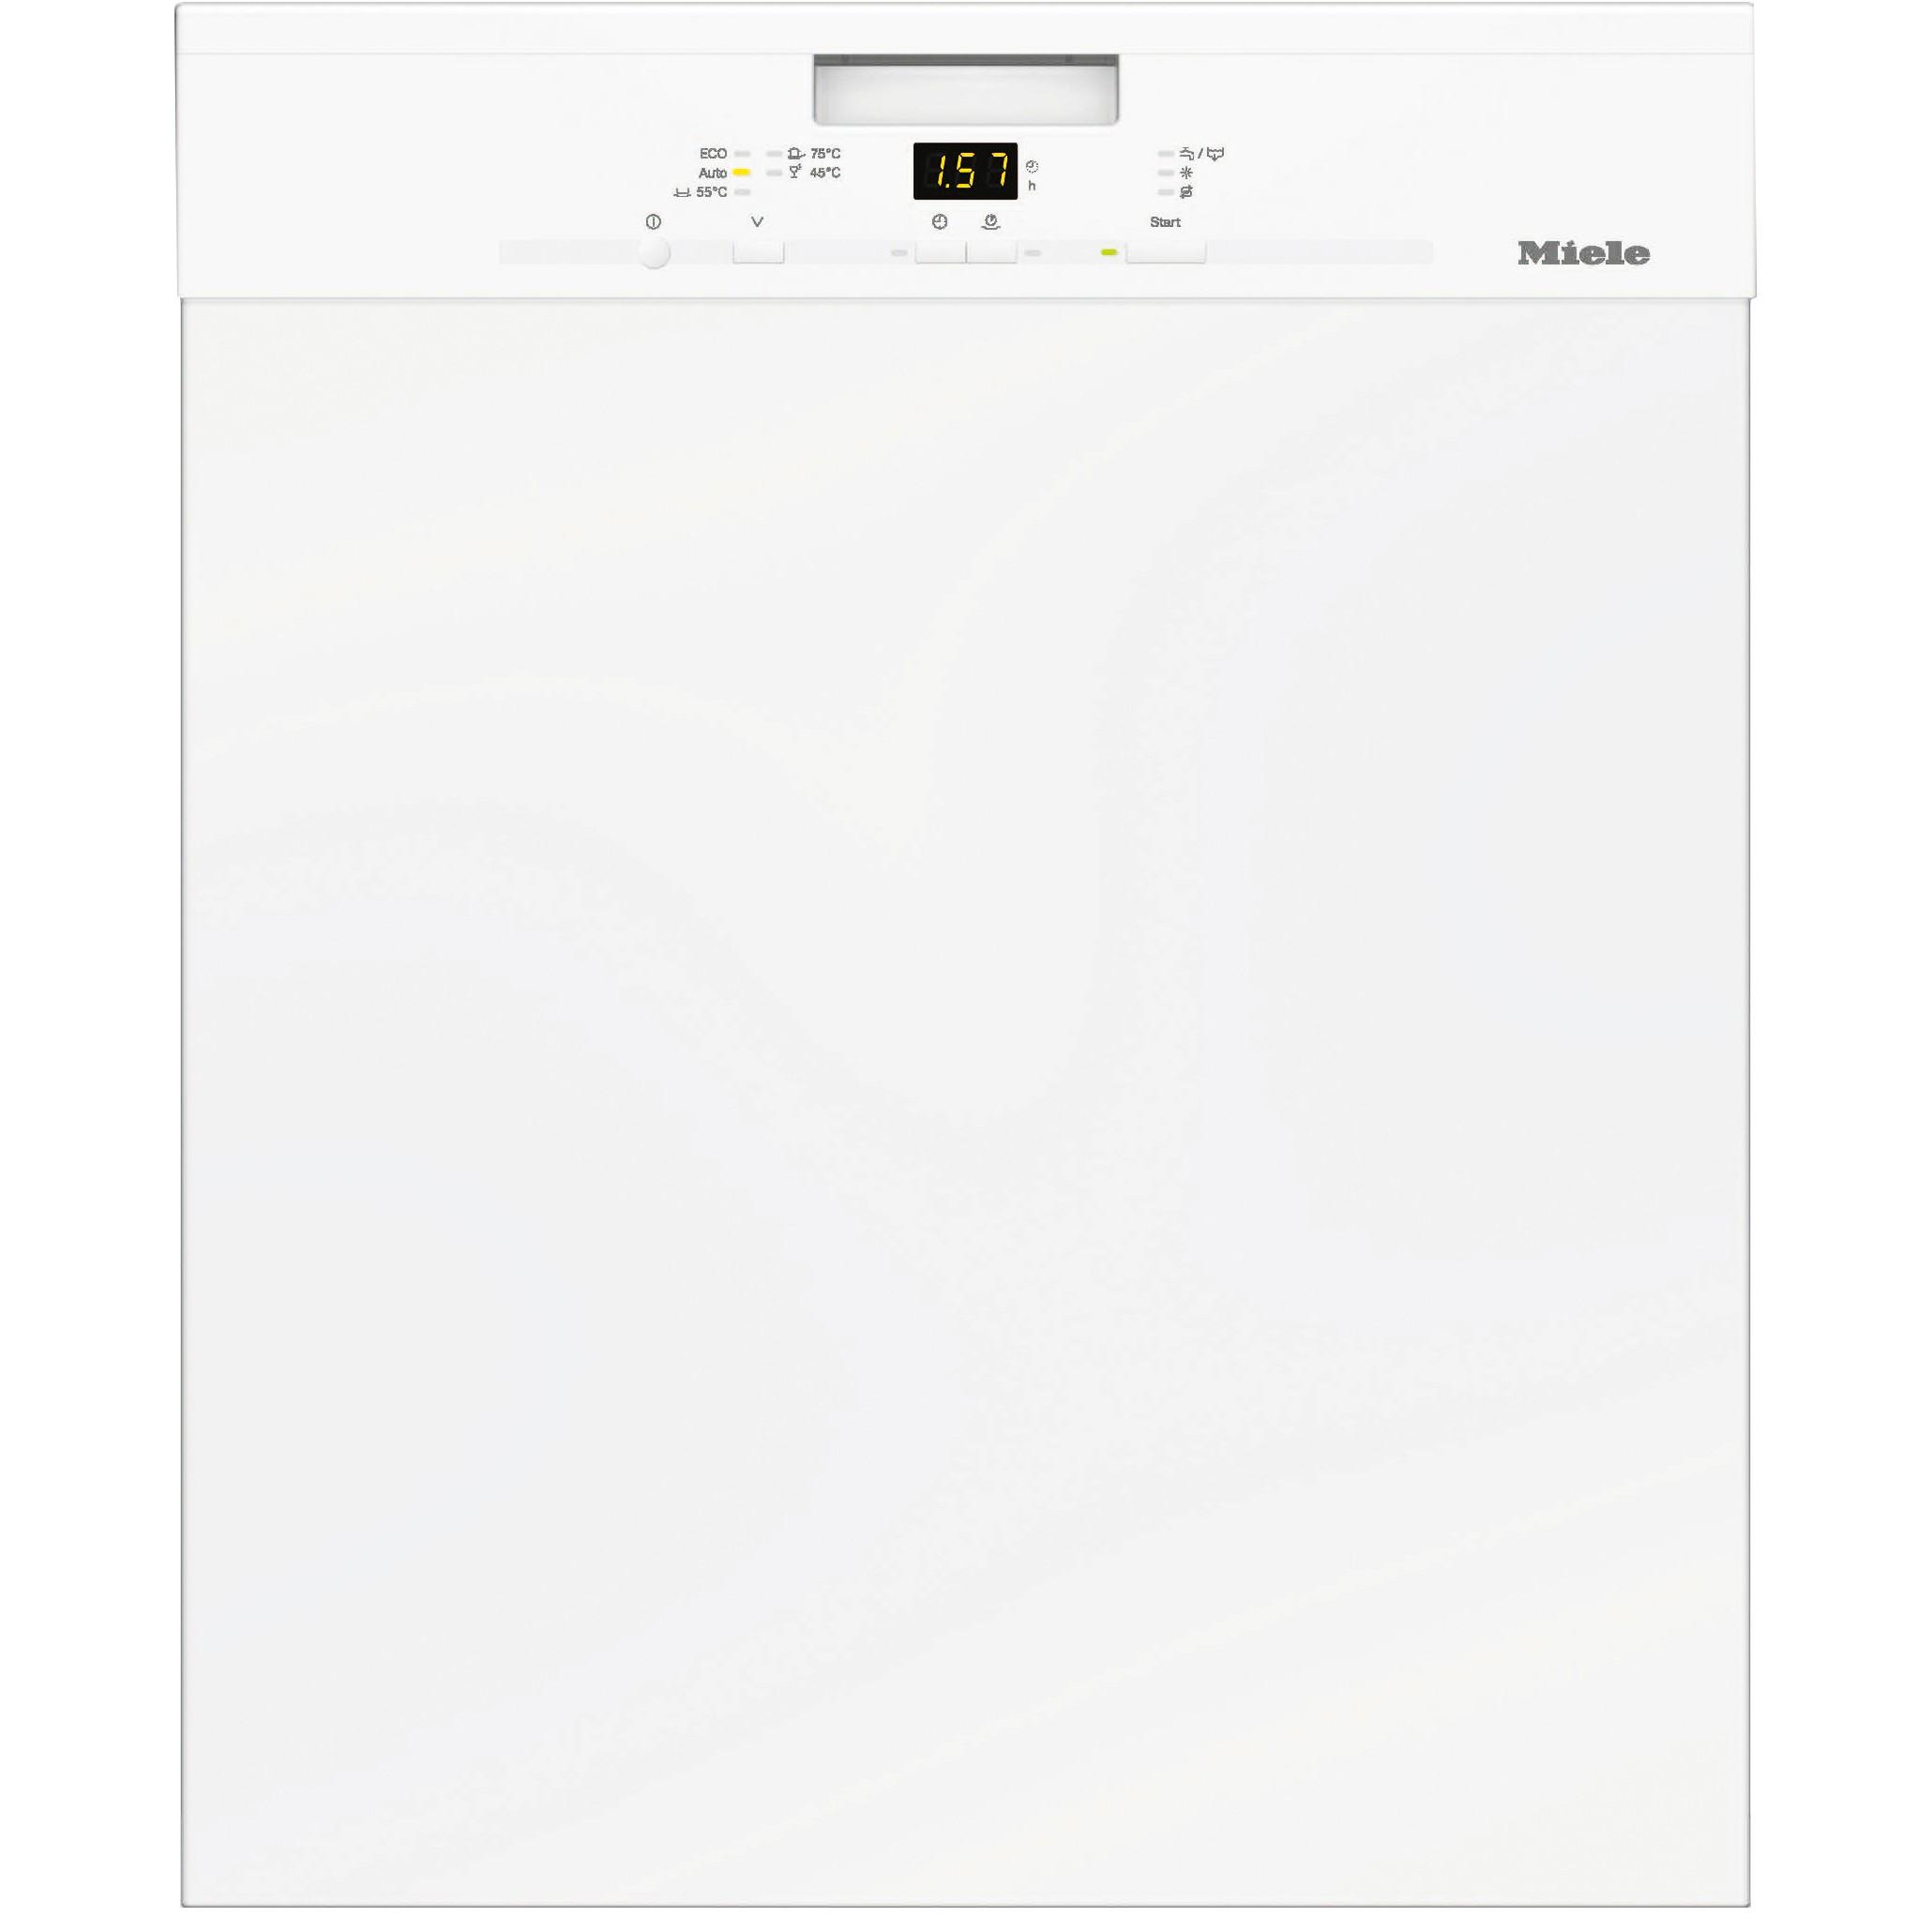 G4914SCUWHITE : Miele oppvaskmaskin G4914SCUWHITE (hvit)